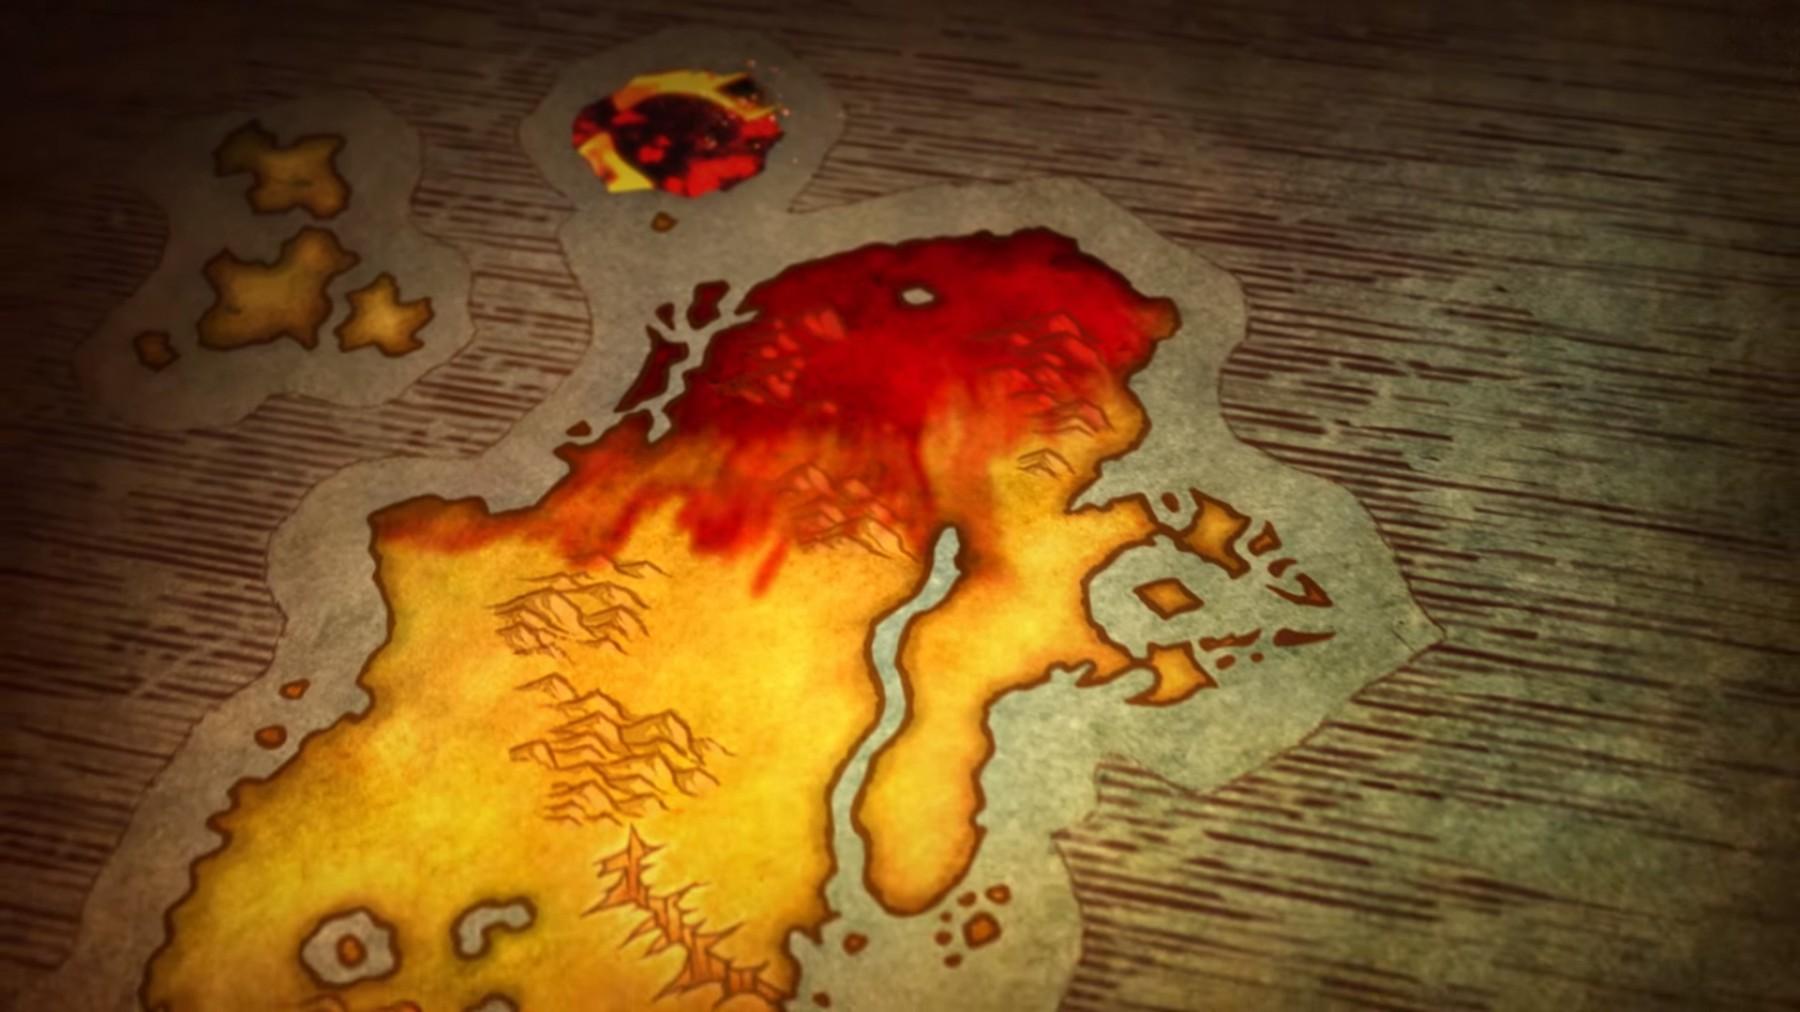 Avec l'azerite, Sylvanas veut assurer l'avenir de la Horde en prenant le contrôle de Kalimdor